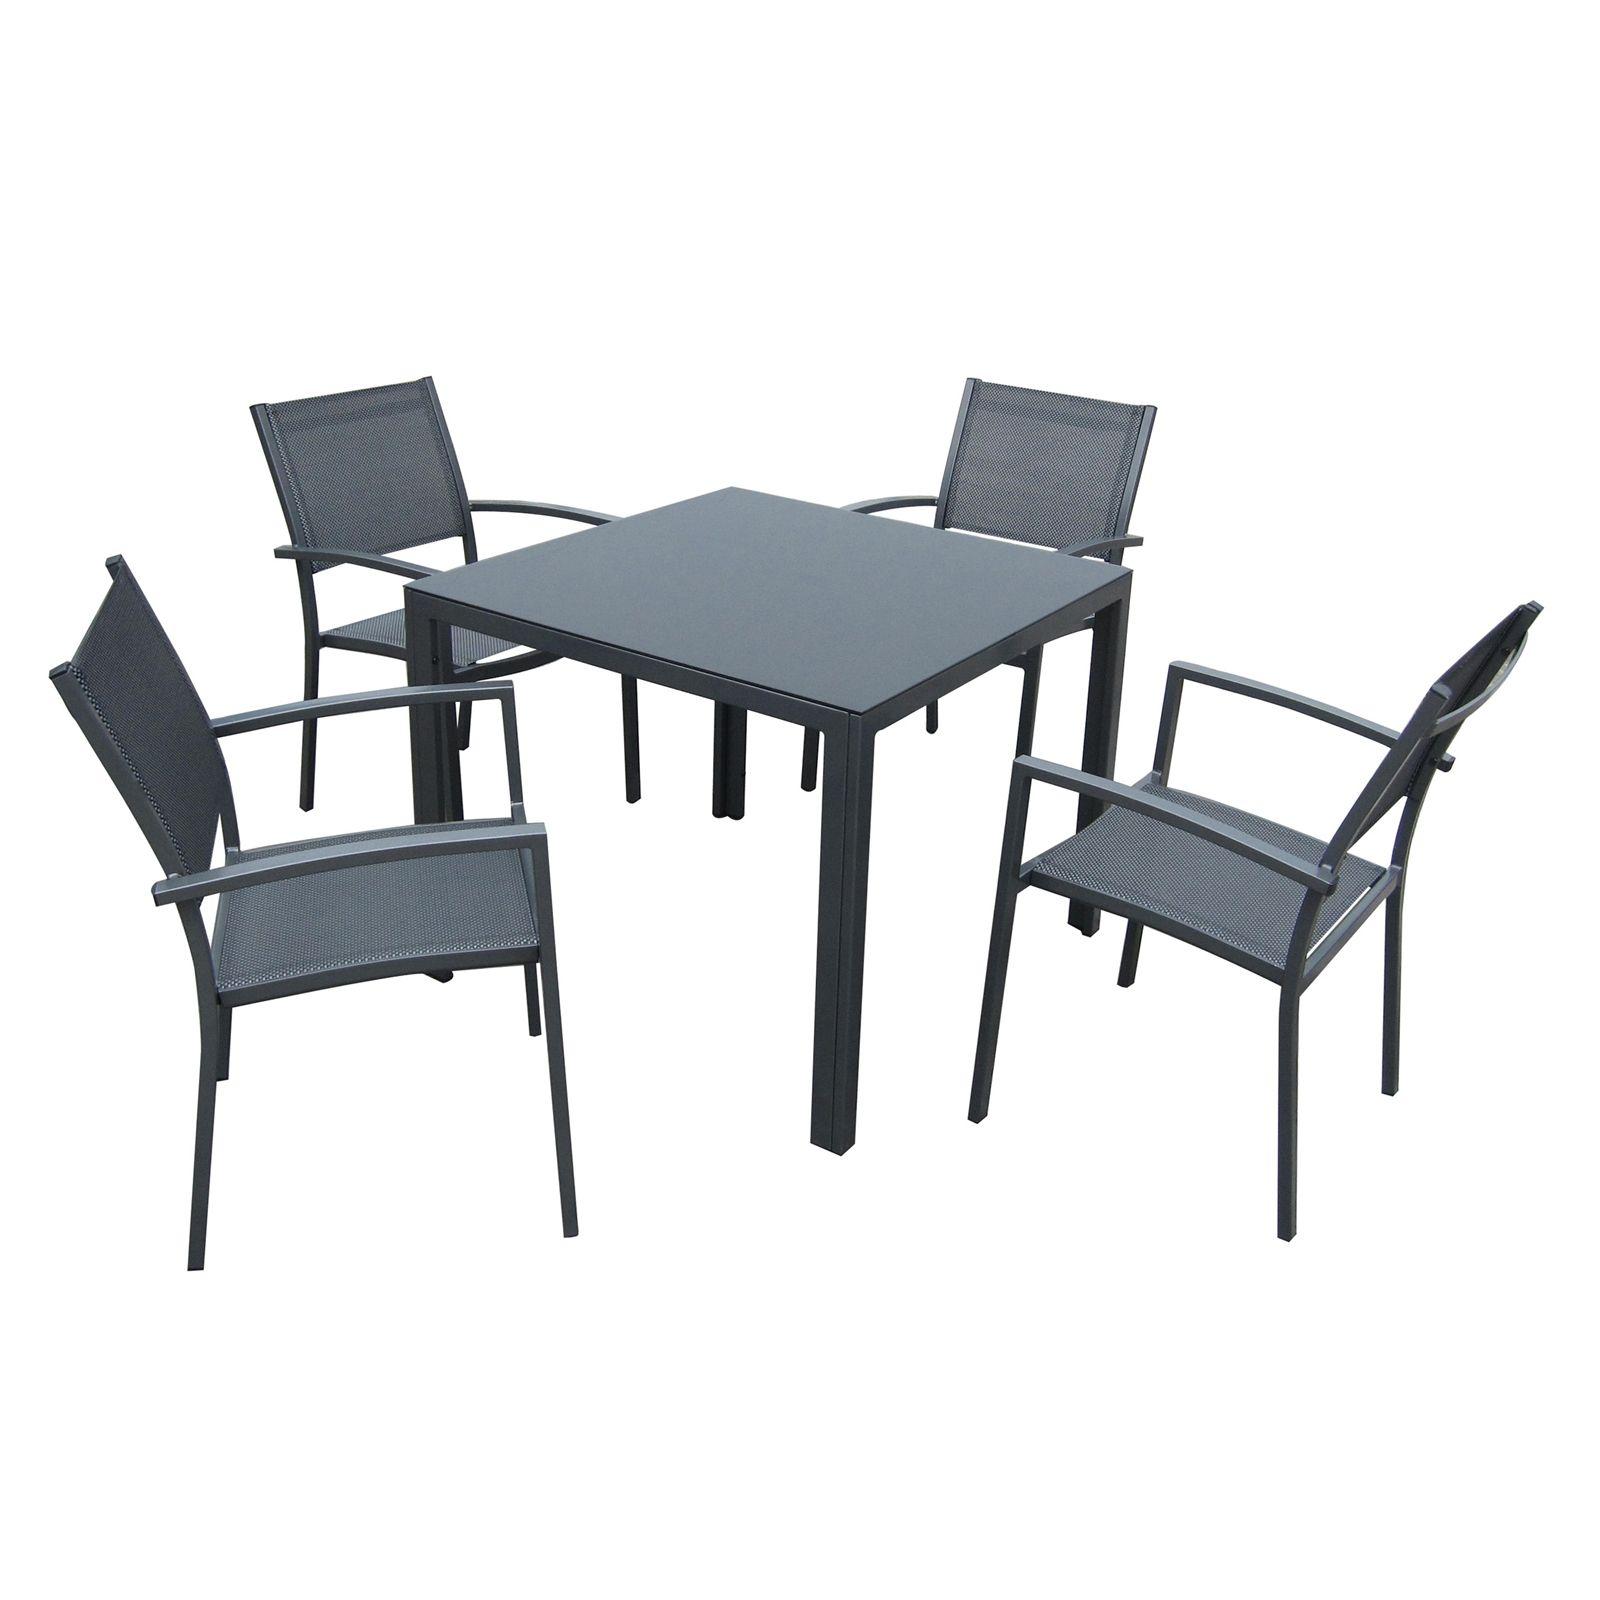 Top Ergebnis 50 Schön Tisch Stuhl Kombination Foto 2017 Kgit4 2017